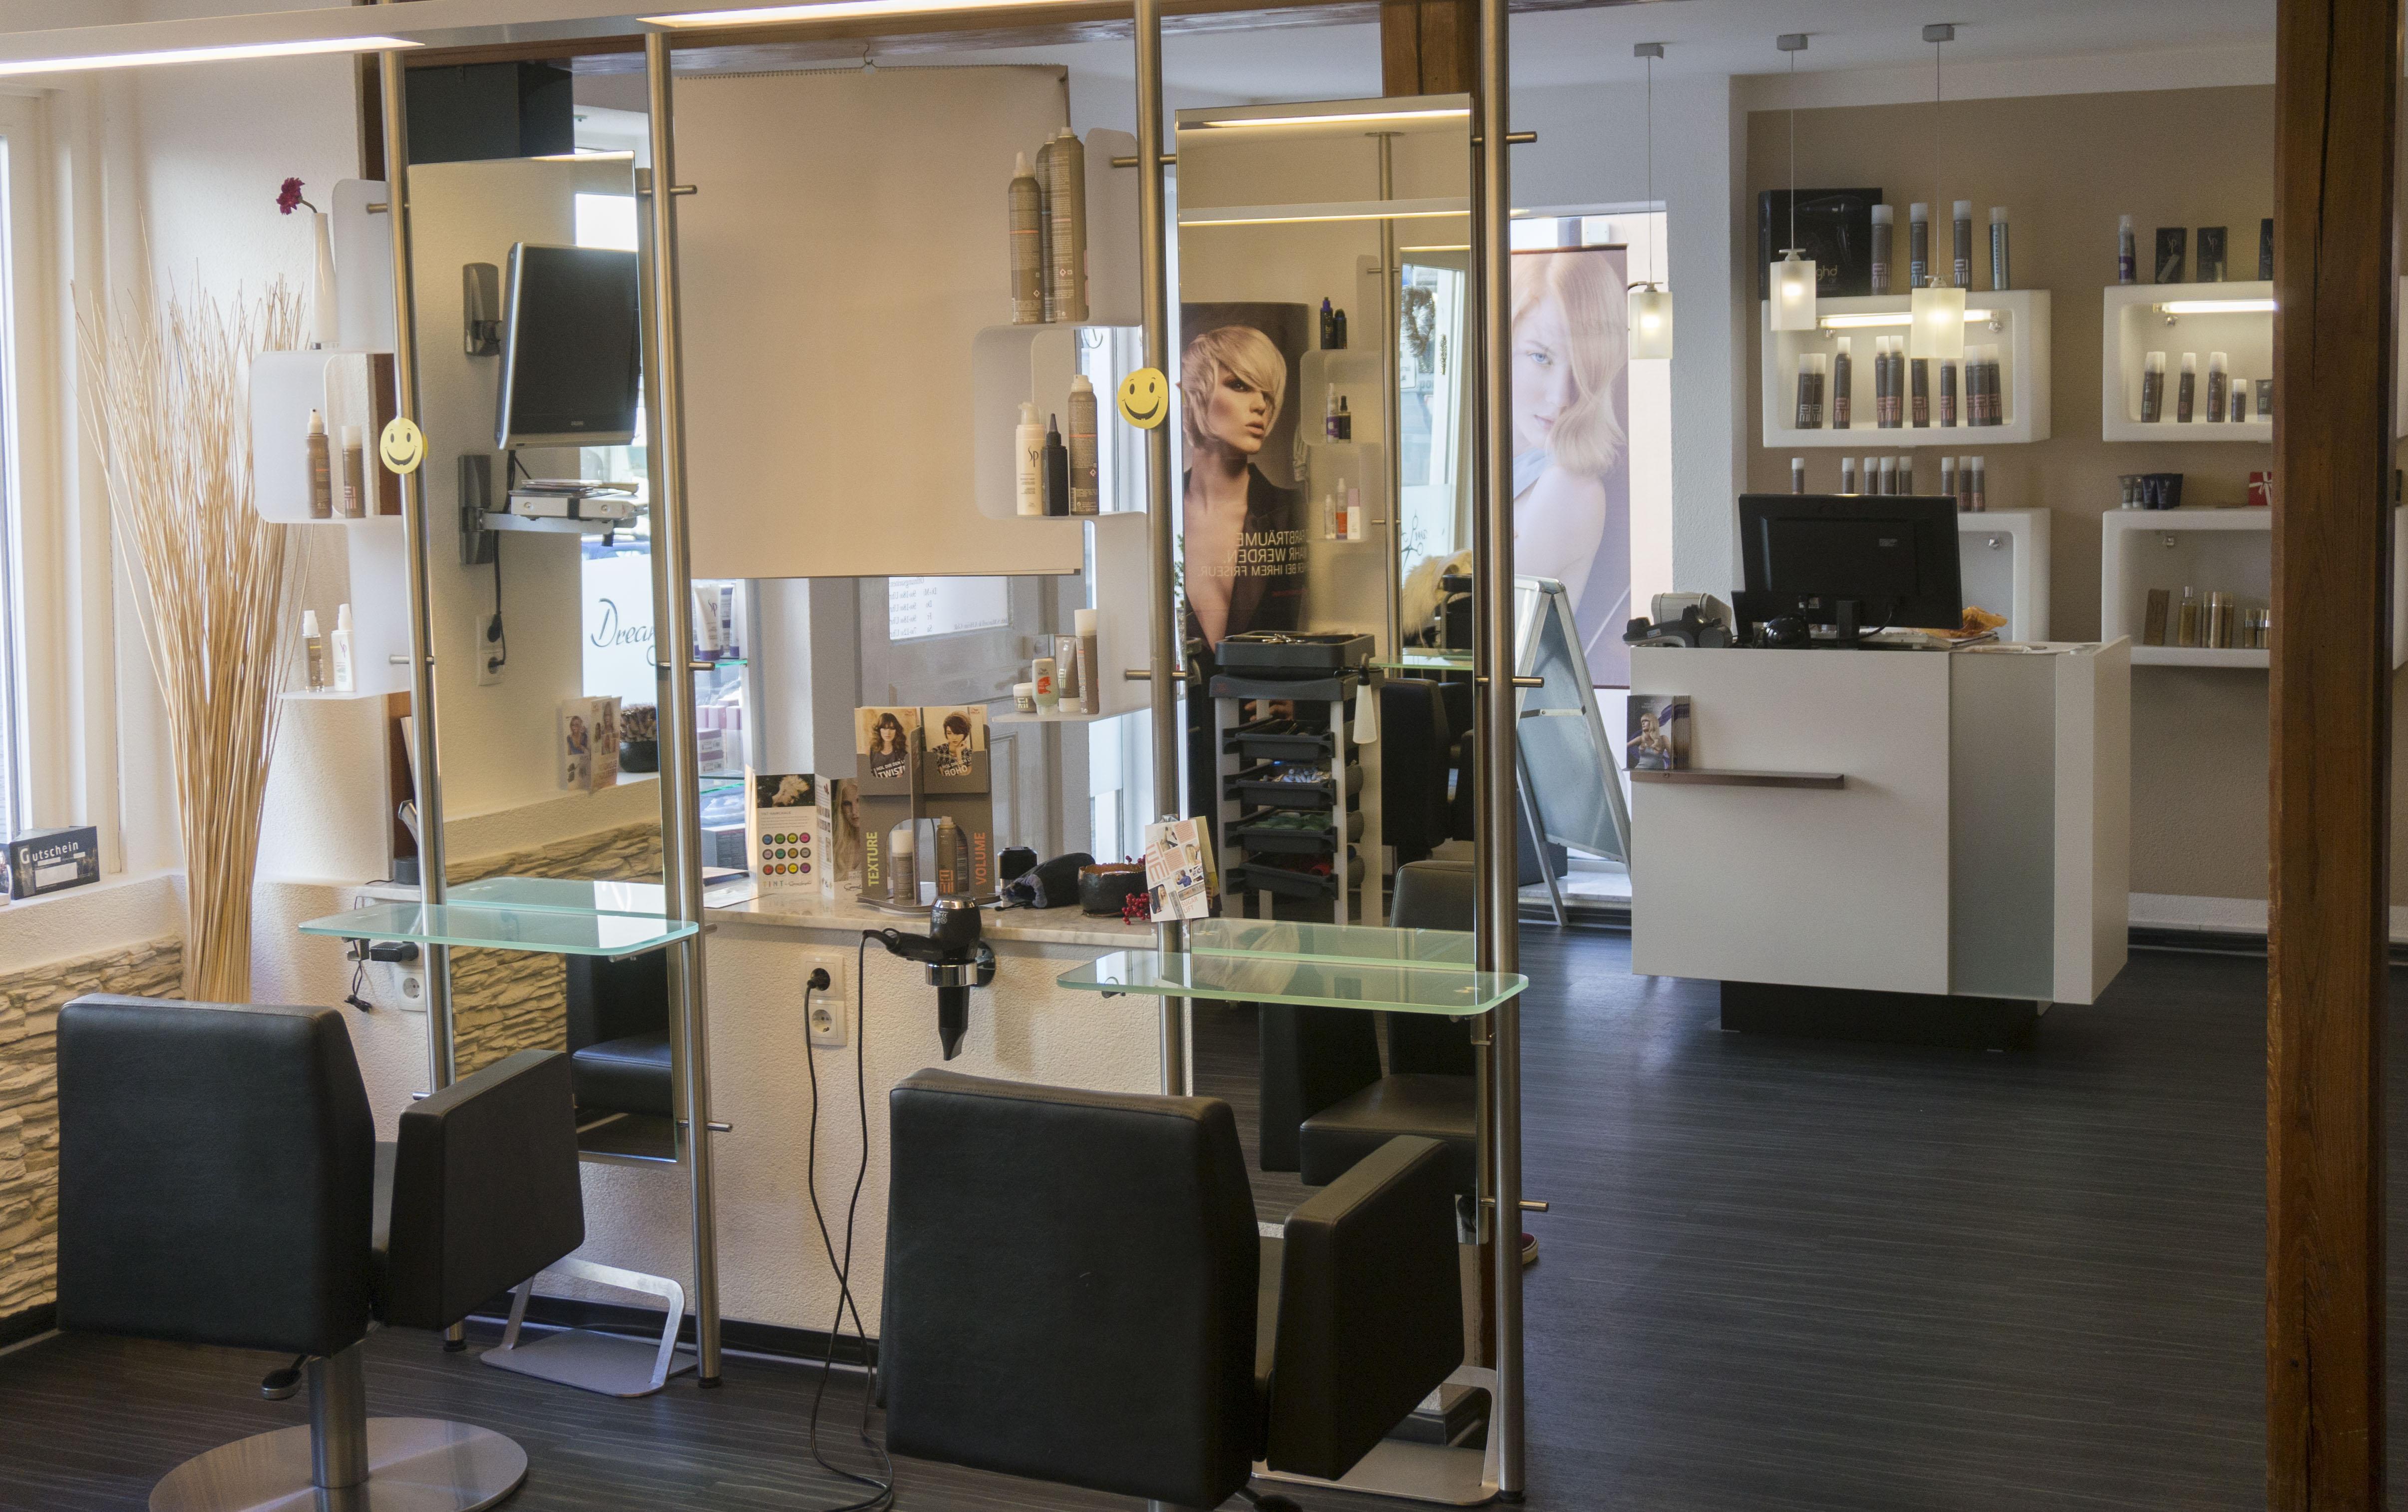 Haarverlangerung nurtingen